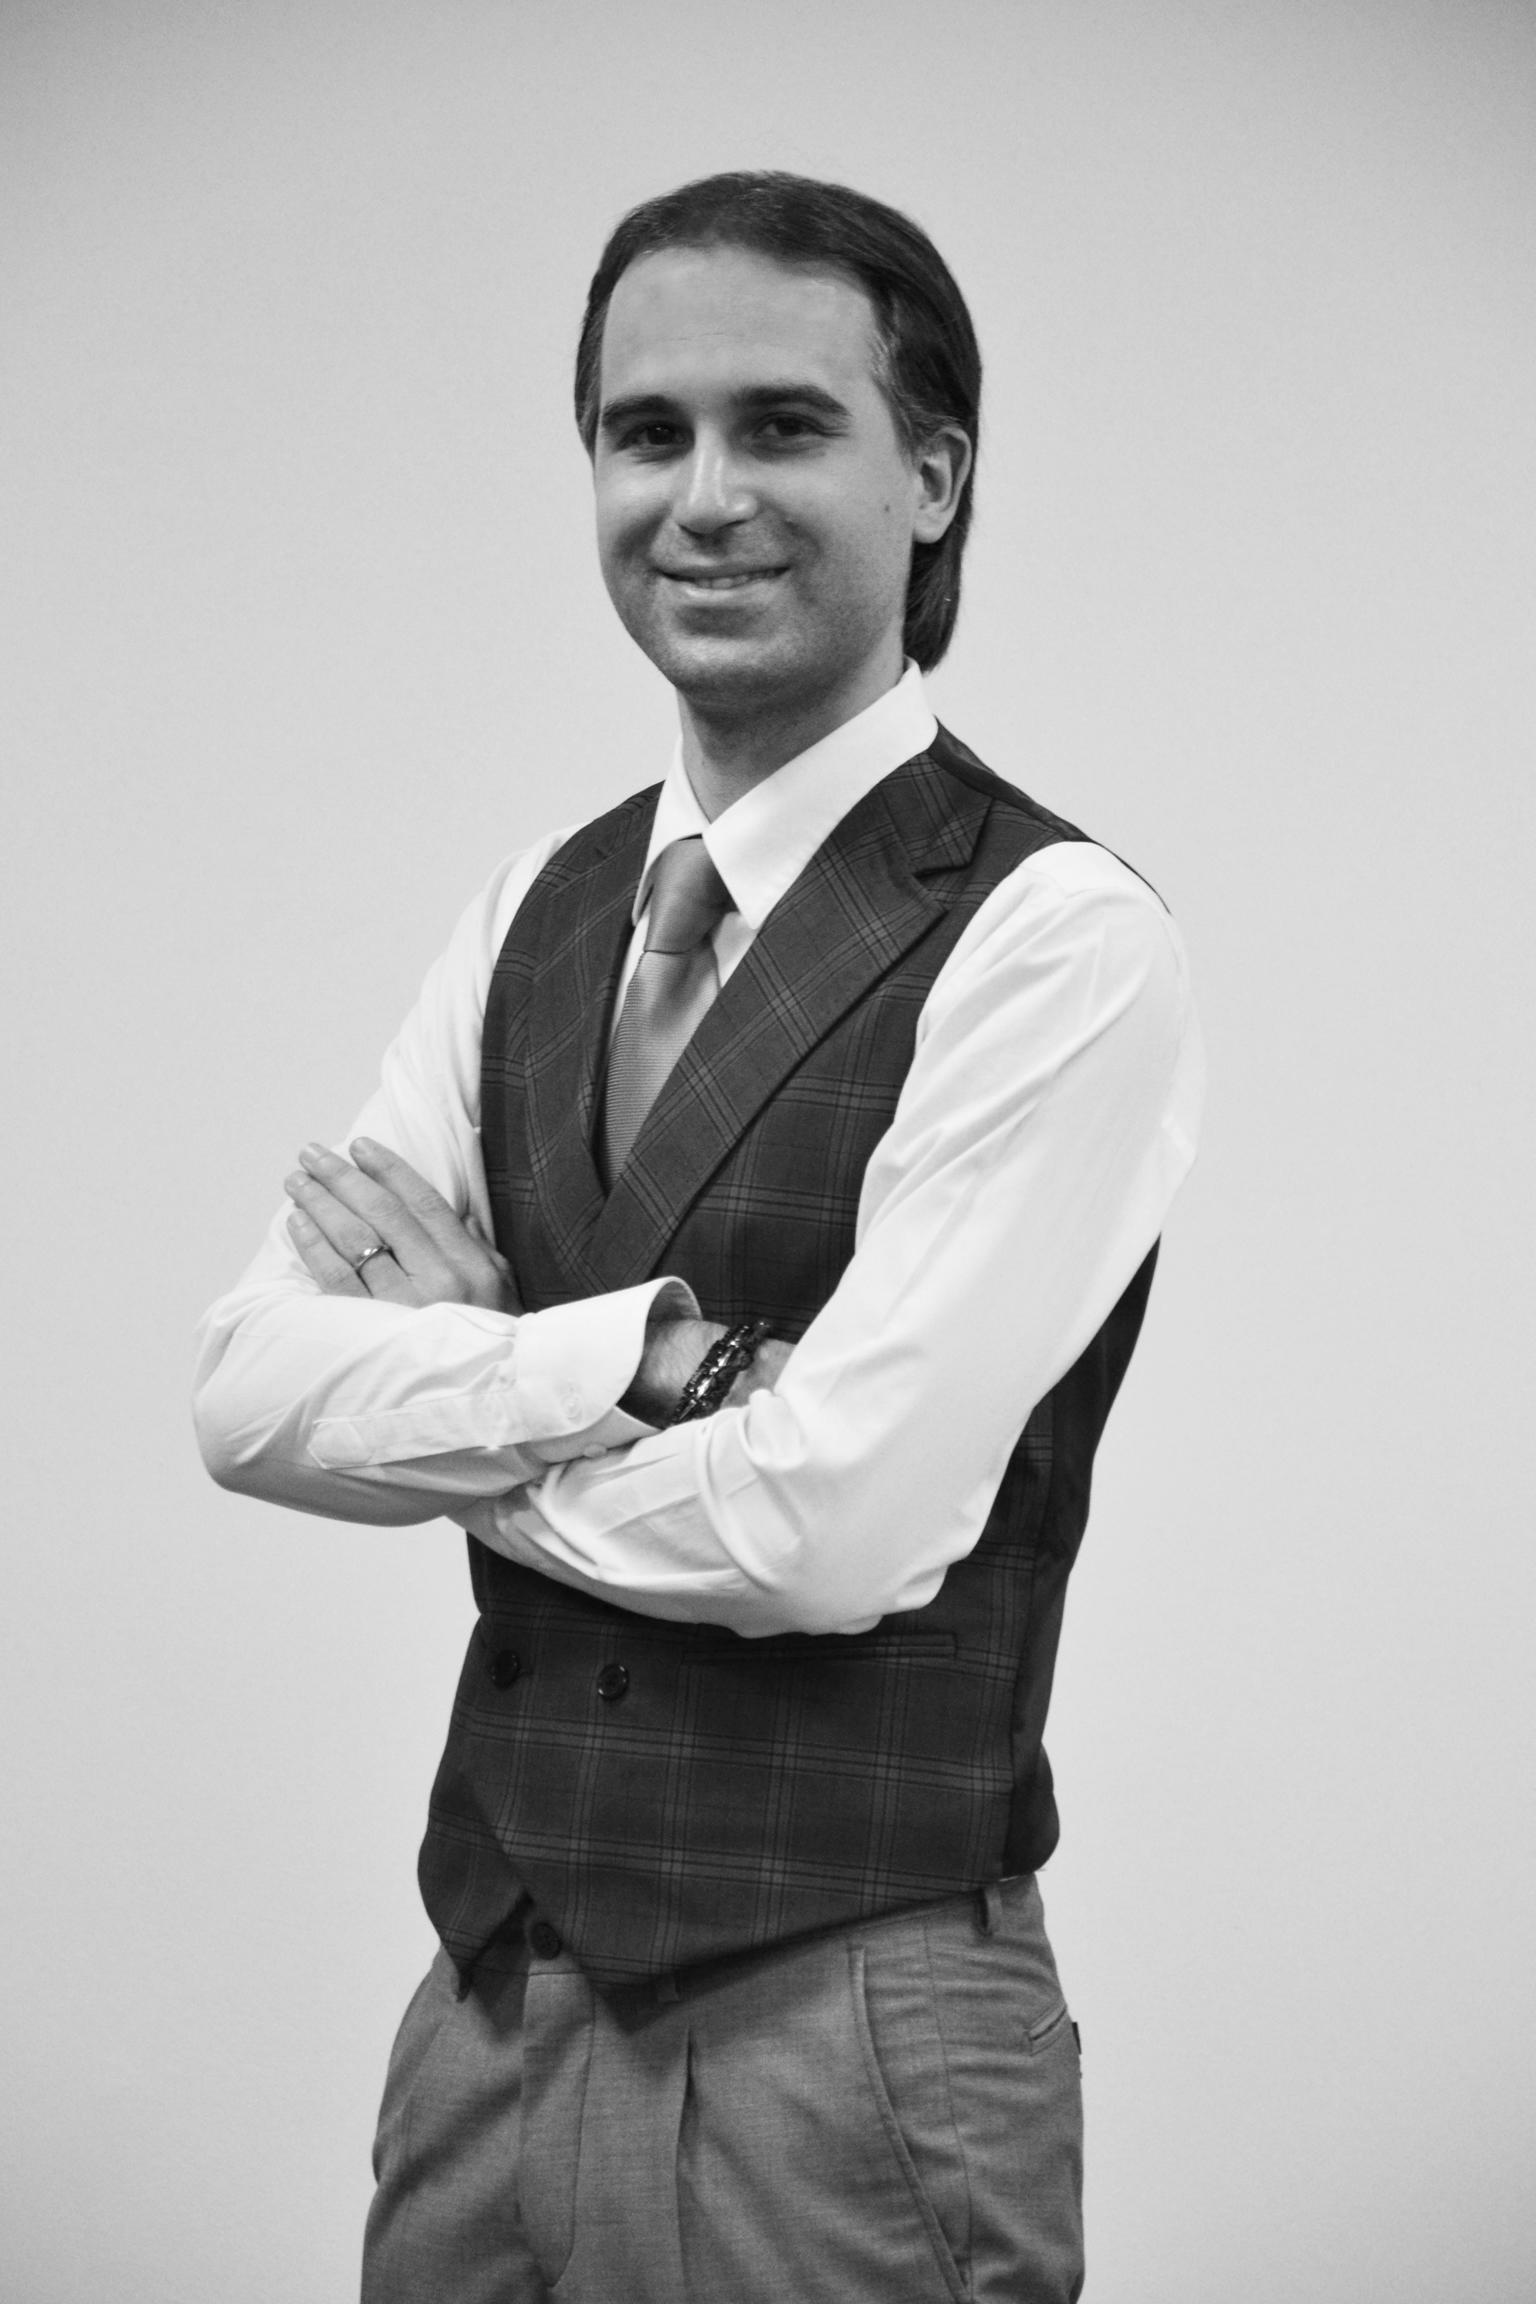 Paolo Sturnia